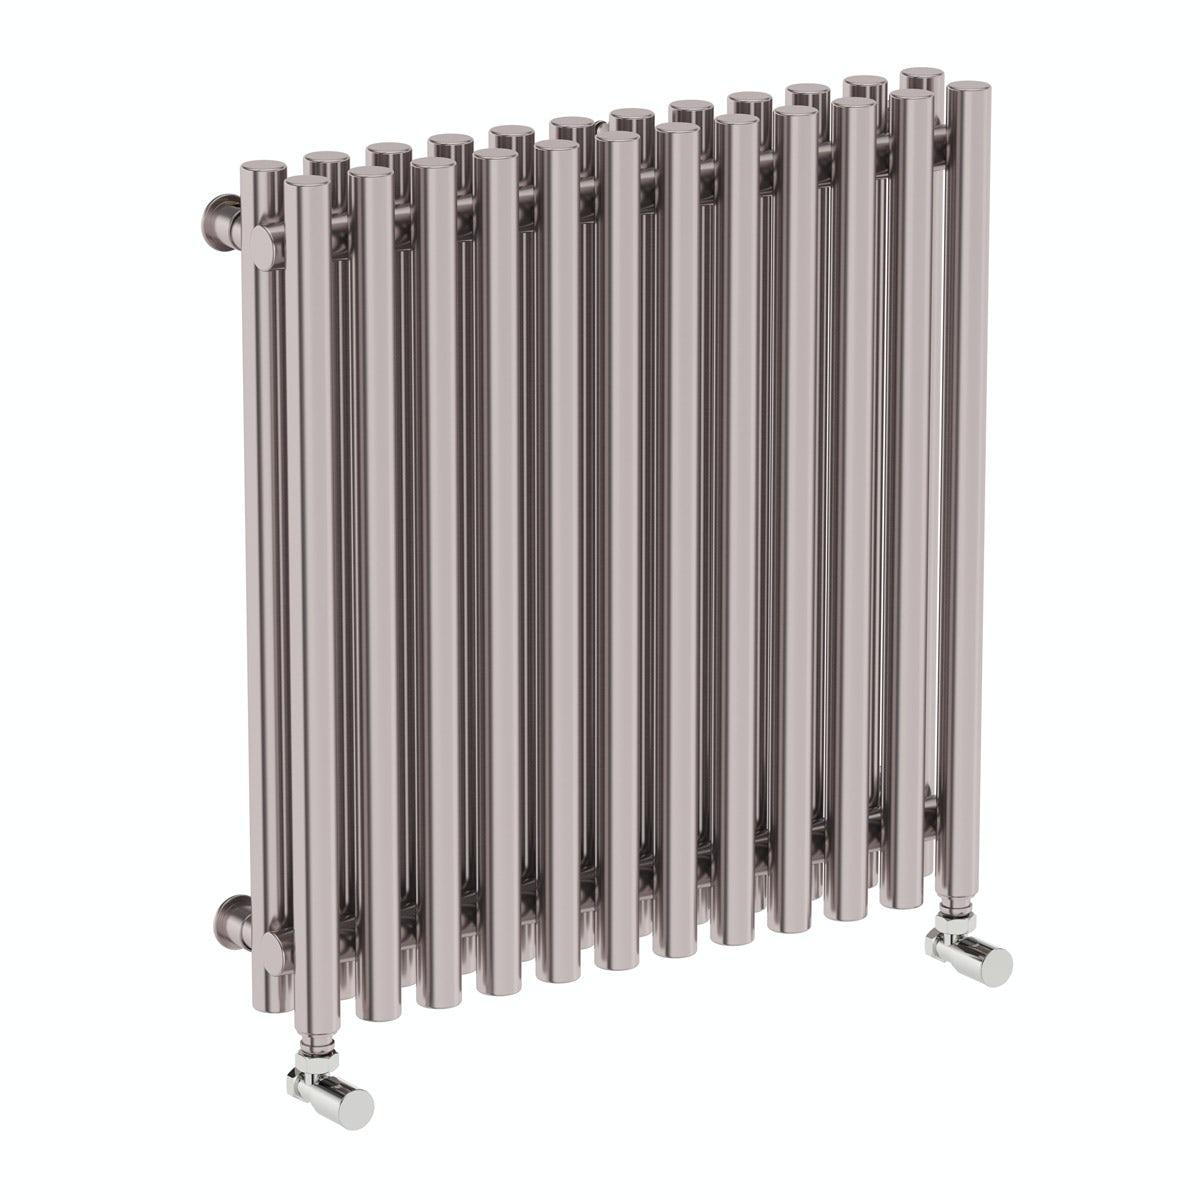 Terma Tune matt nickel double horizontal radiator 600 x 590